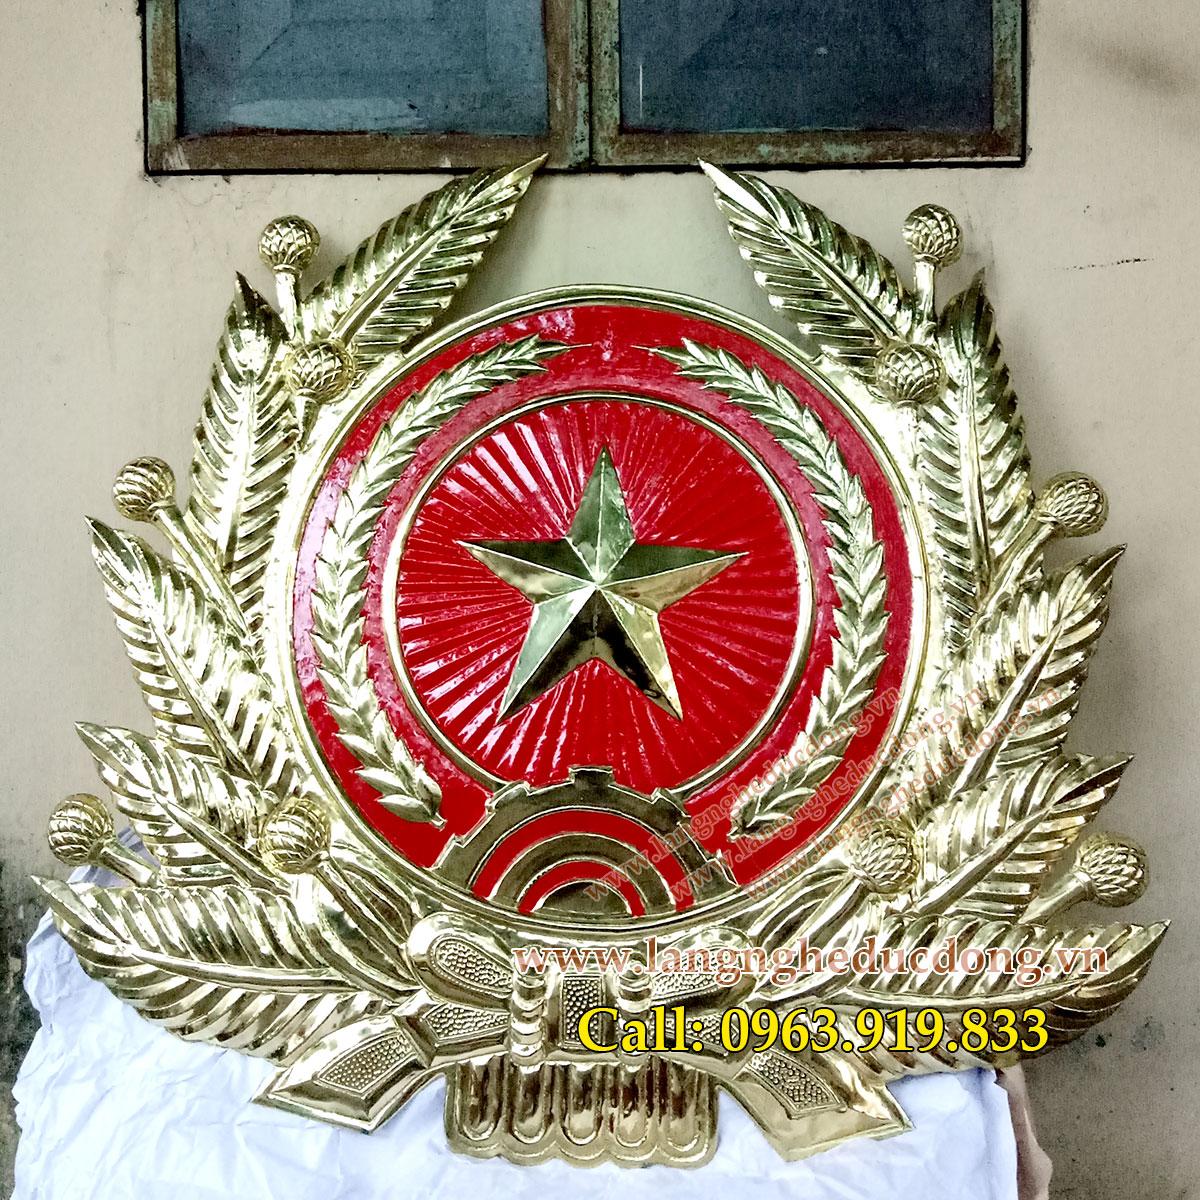 langngheducdong.vn - quân hiệu, huy hiệu quân đôi, quân hiệu bằng đồng